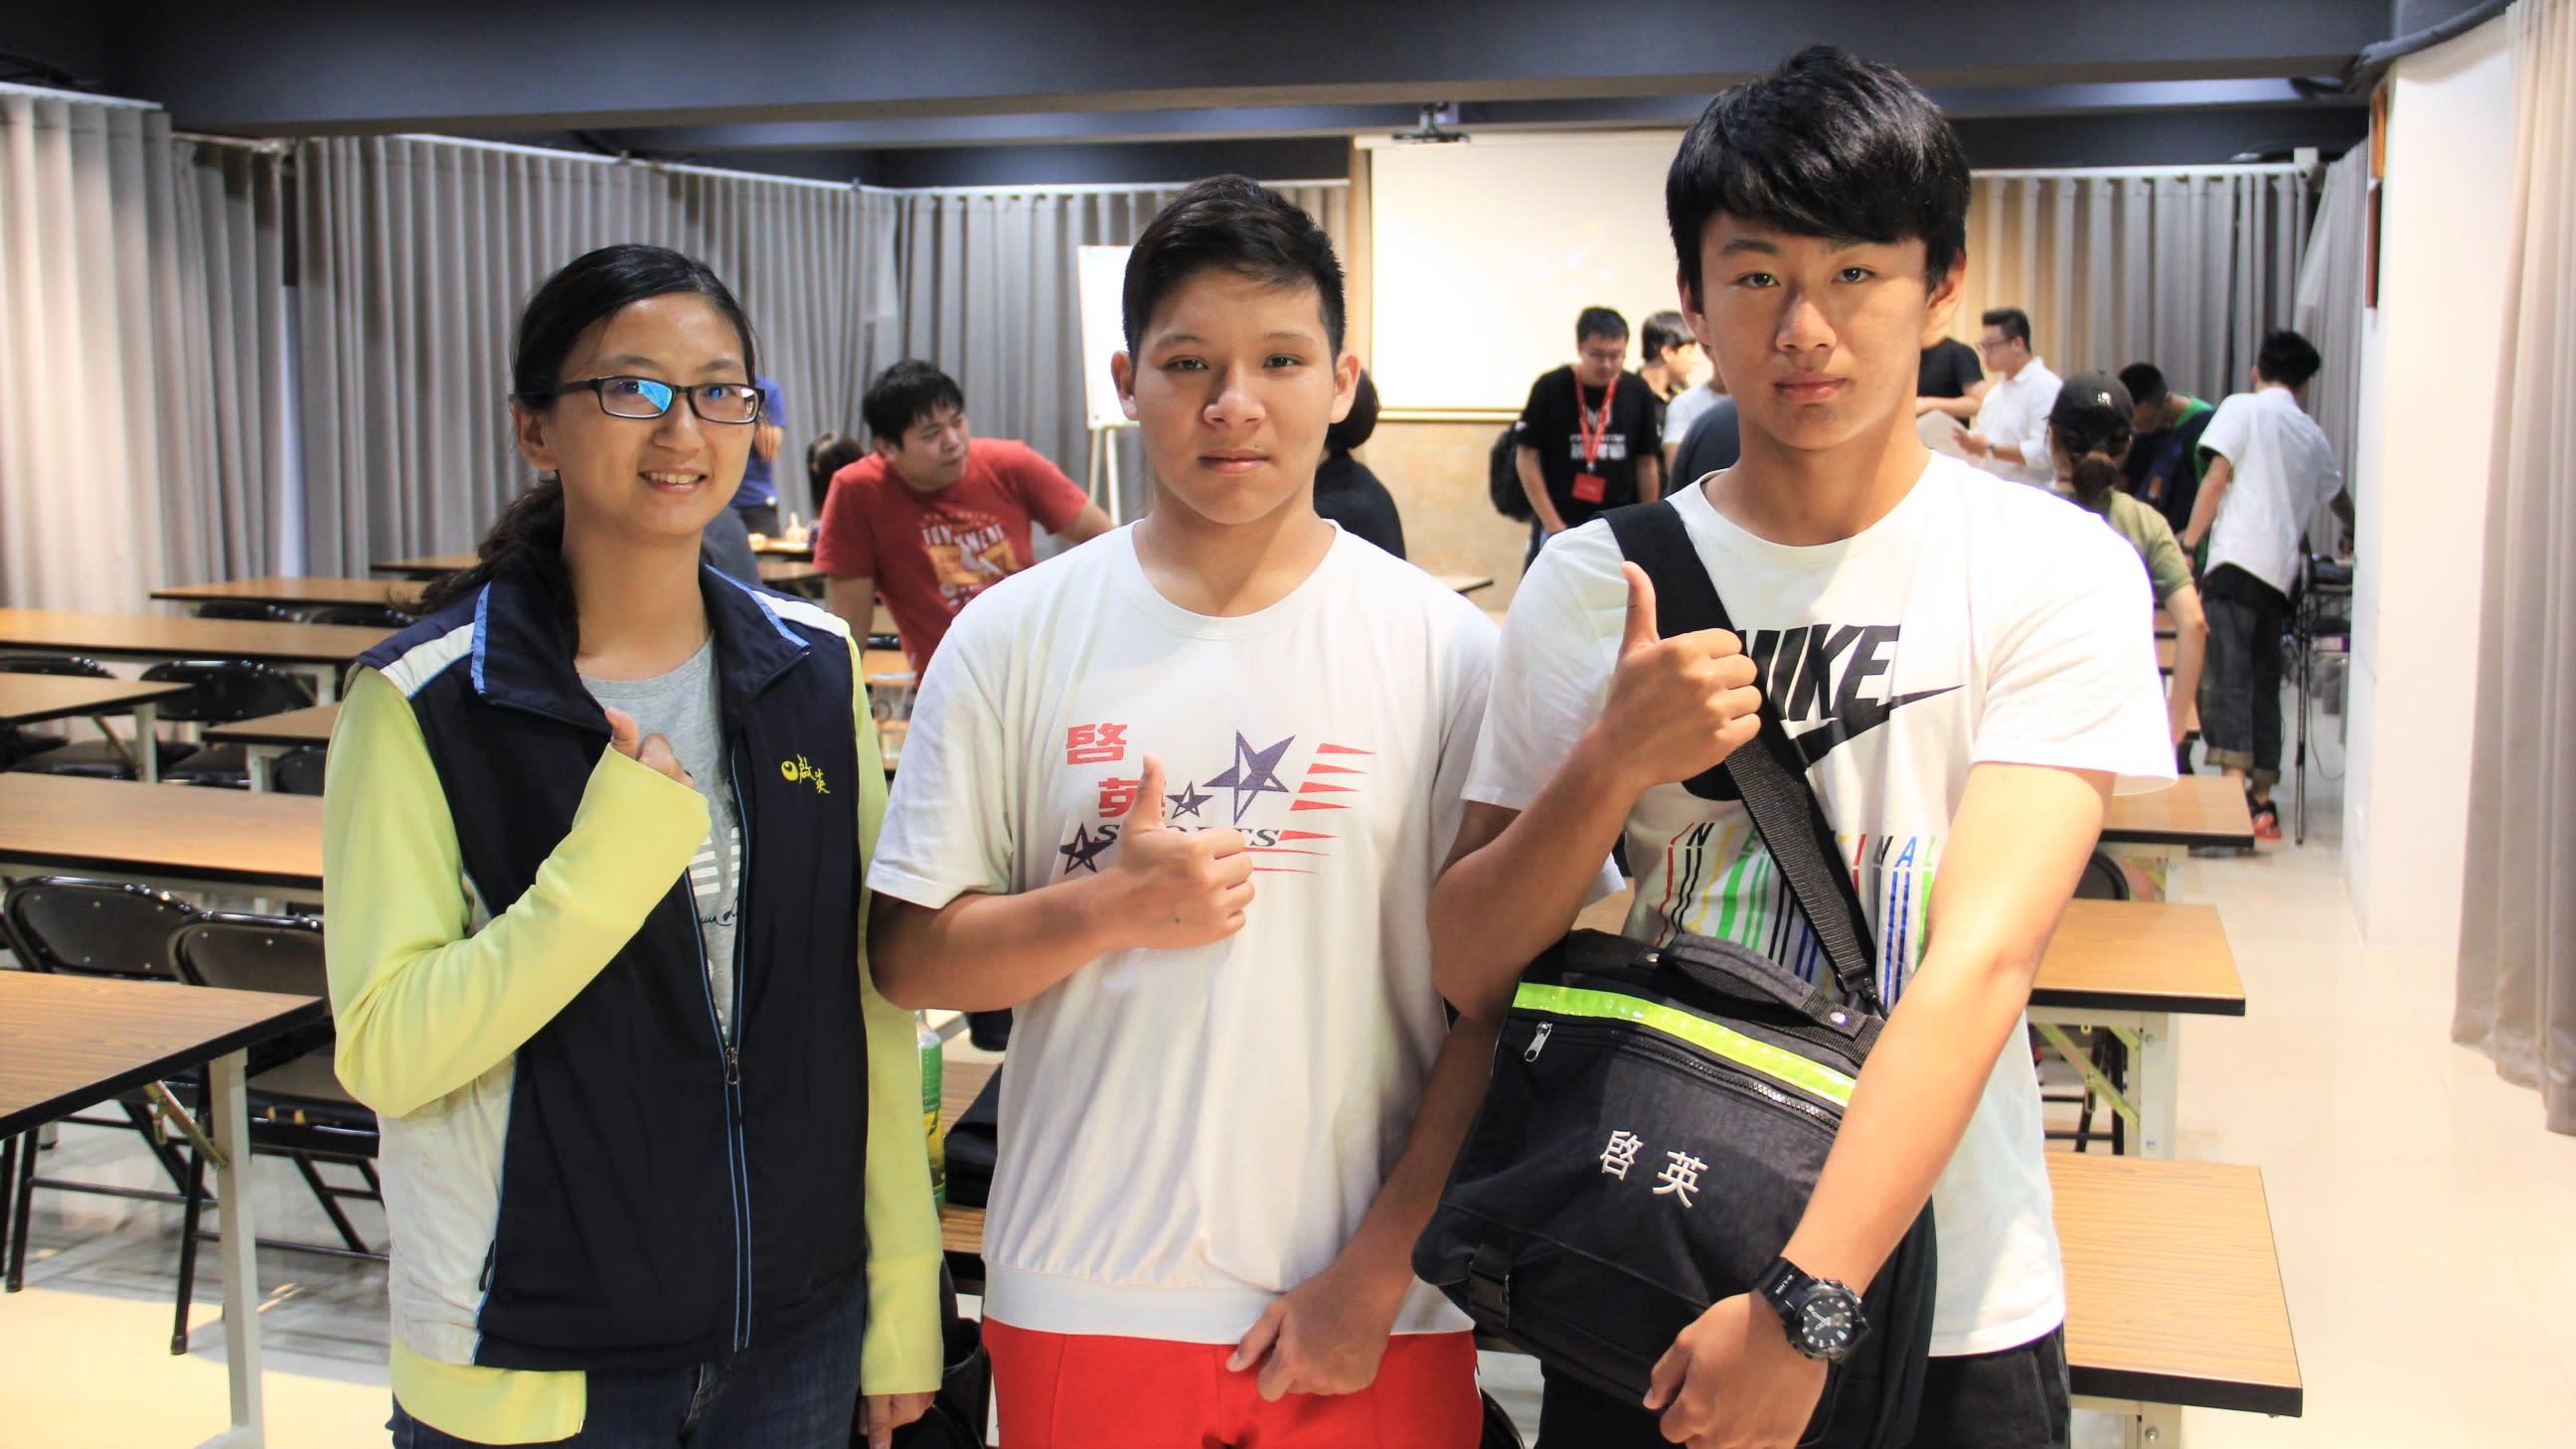 啟英高中代表(左起)吳老師、郭同學、蔡同學表示校隊上學期就已成立,相當期待PMCC比賽。